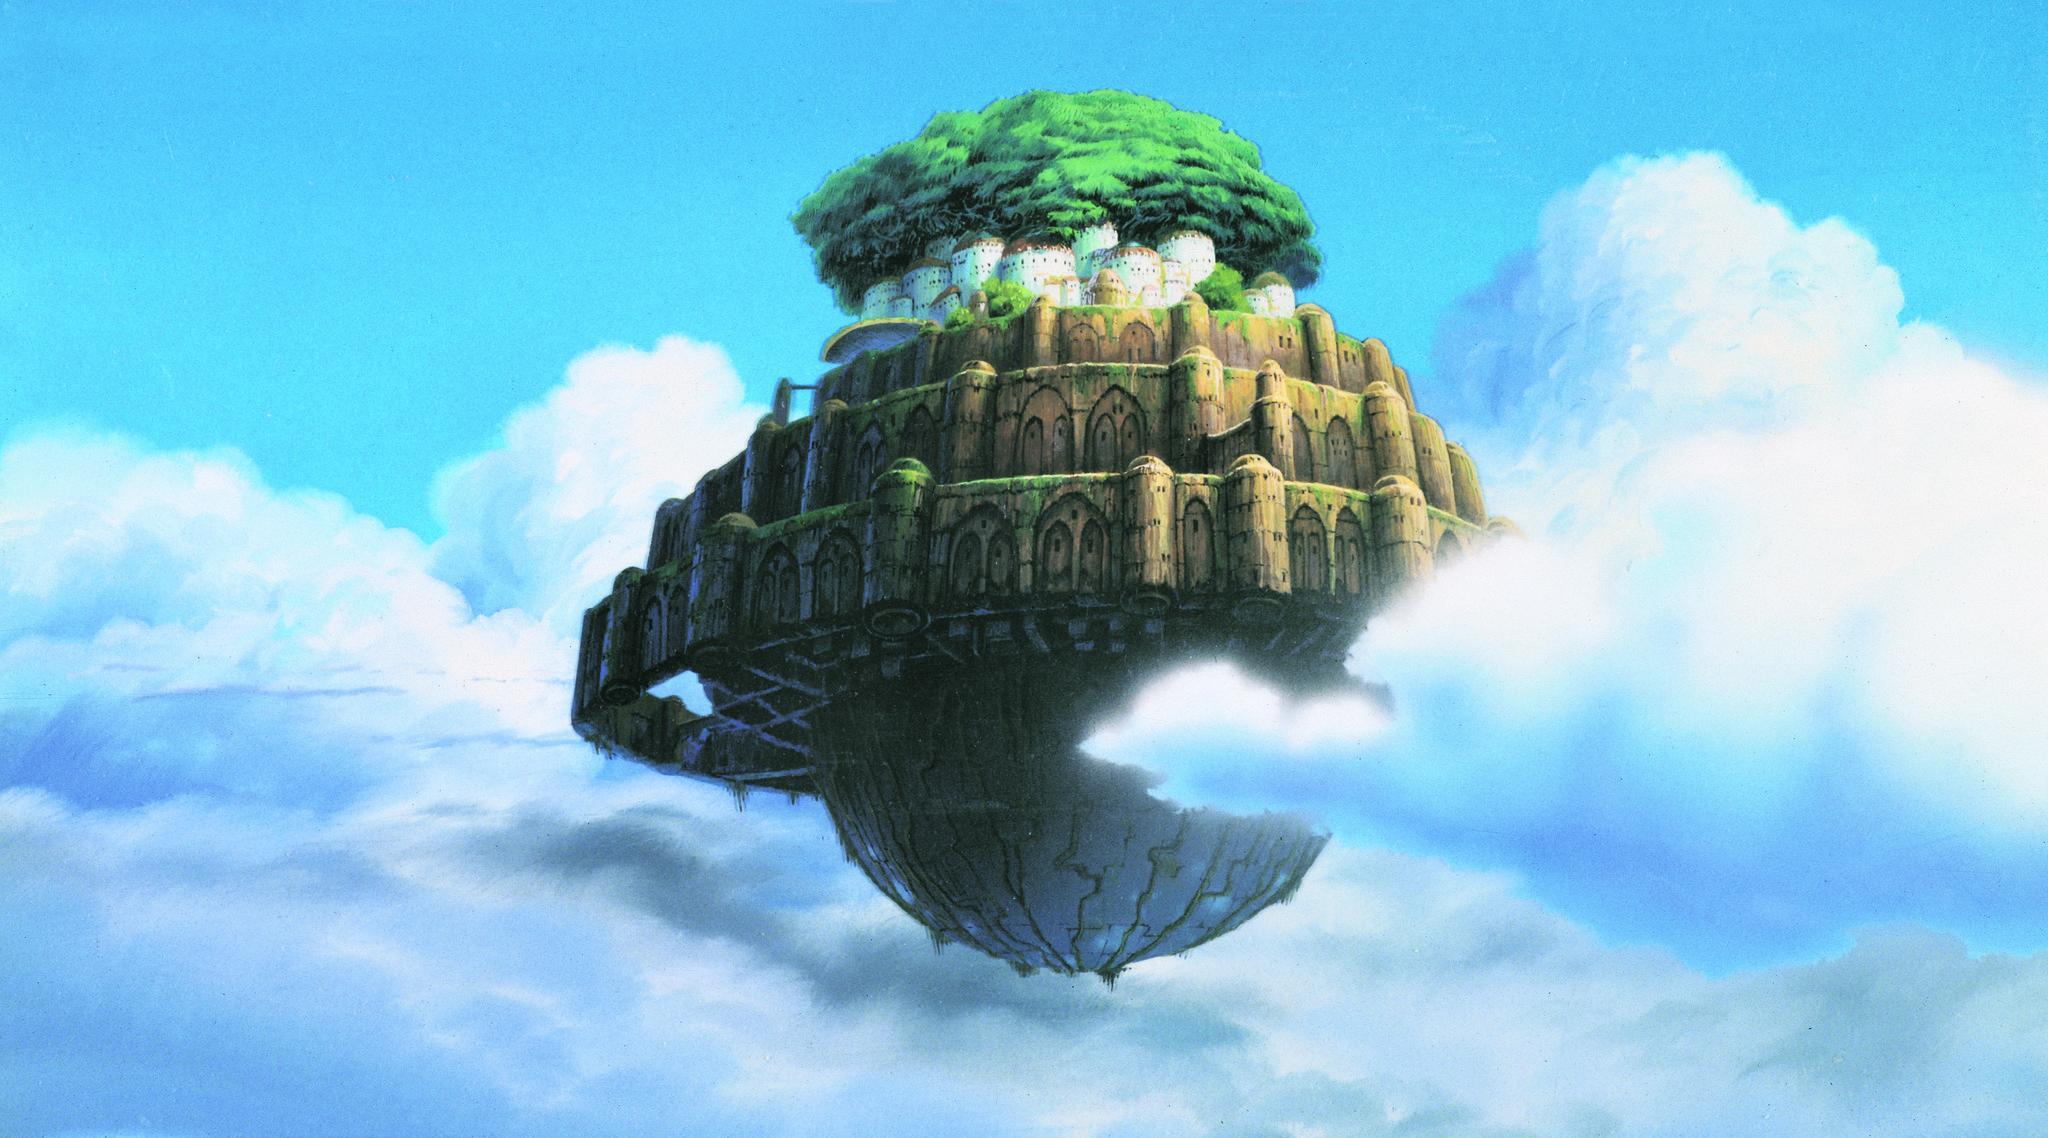 Miyazaki's Laputa: Castle In The Sky